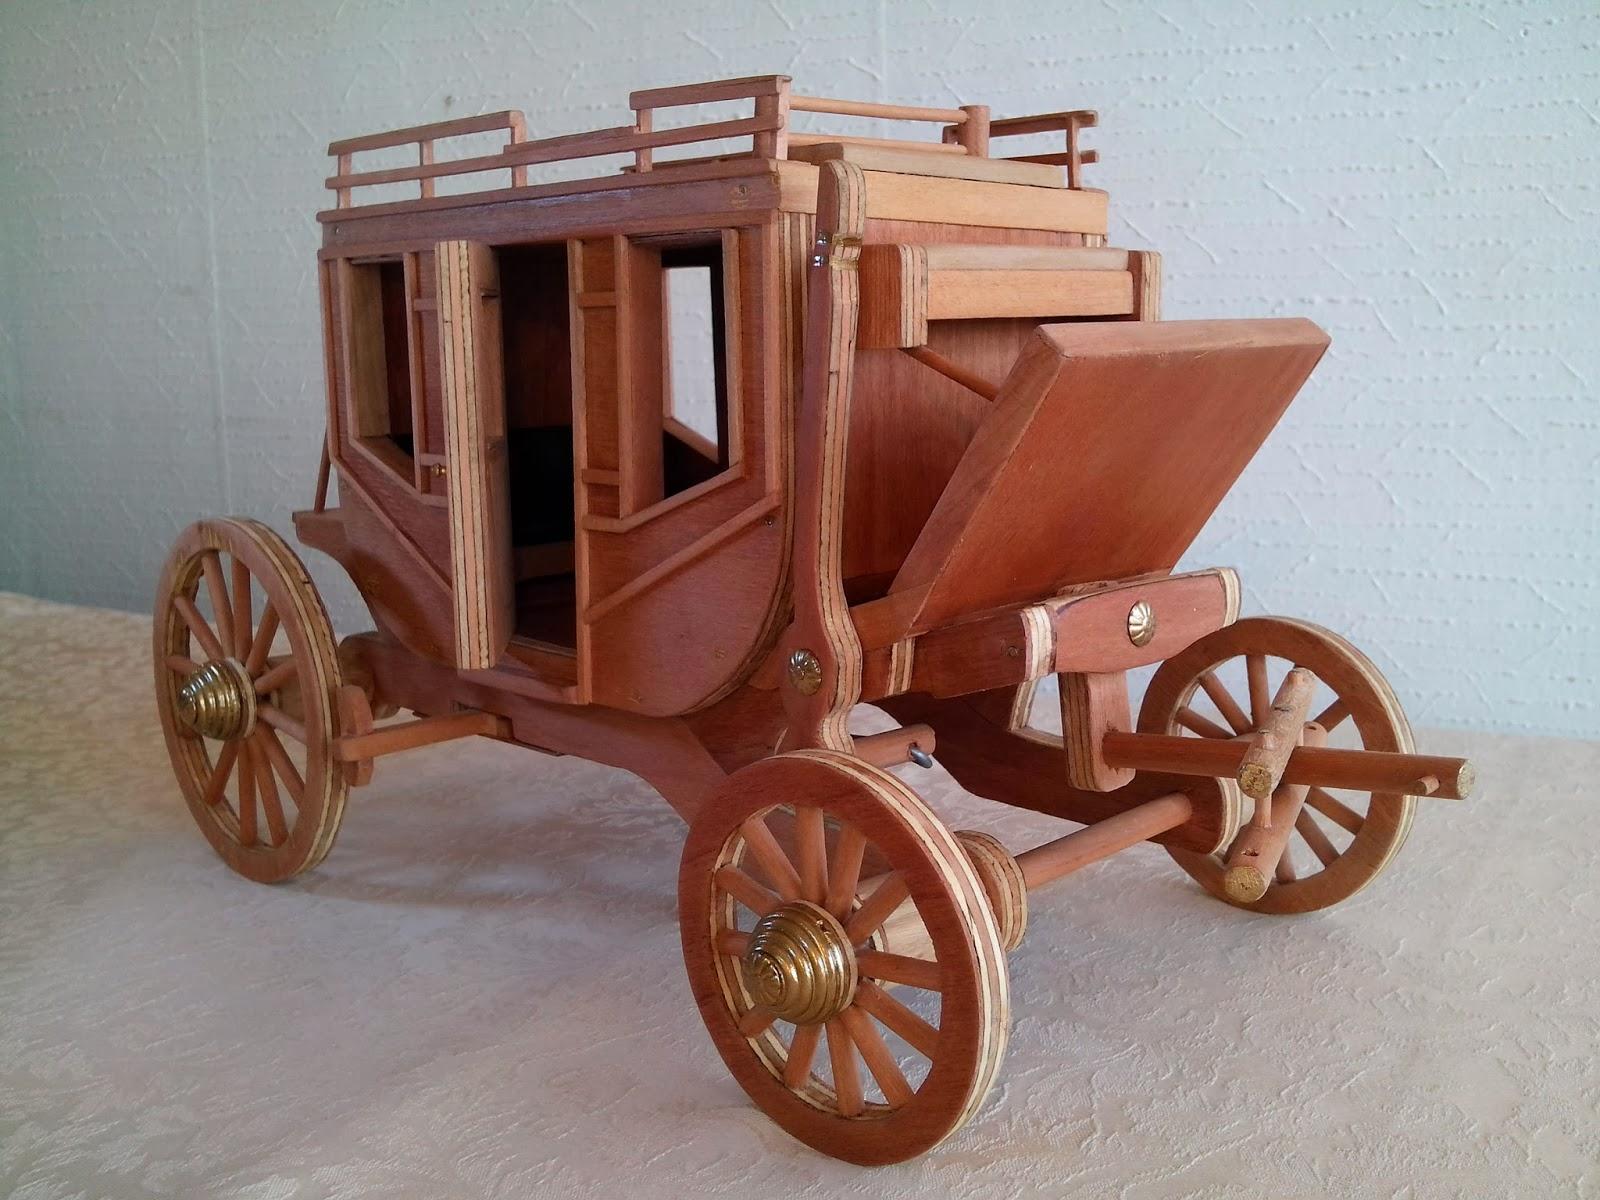 Artesanias en pinterest - Mesas de madera hechas a mano ...